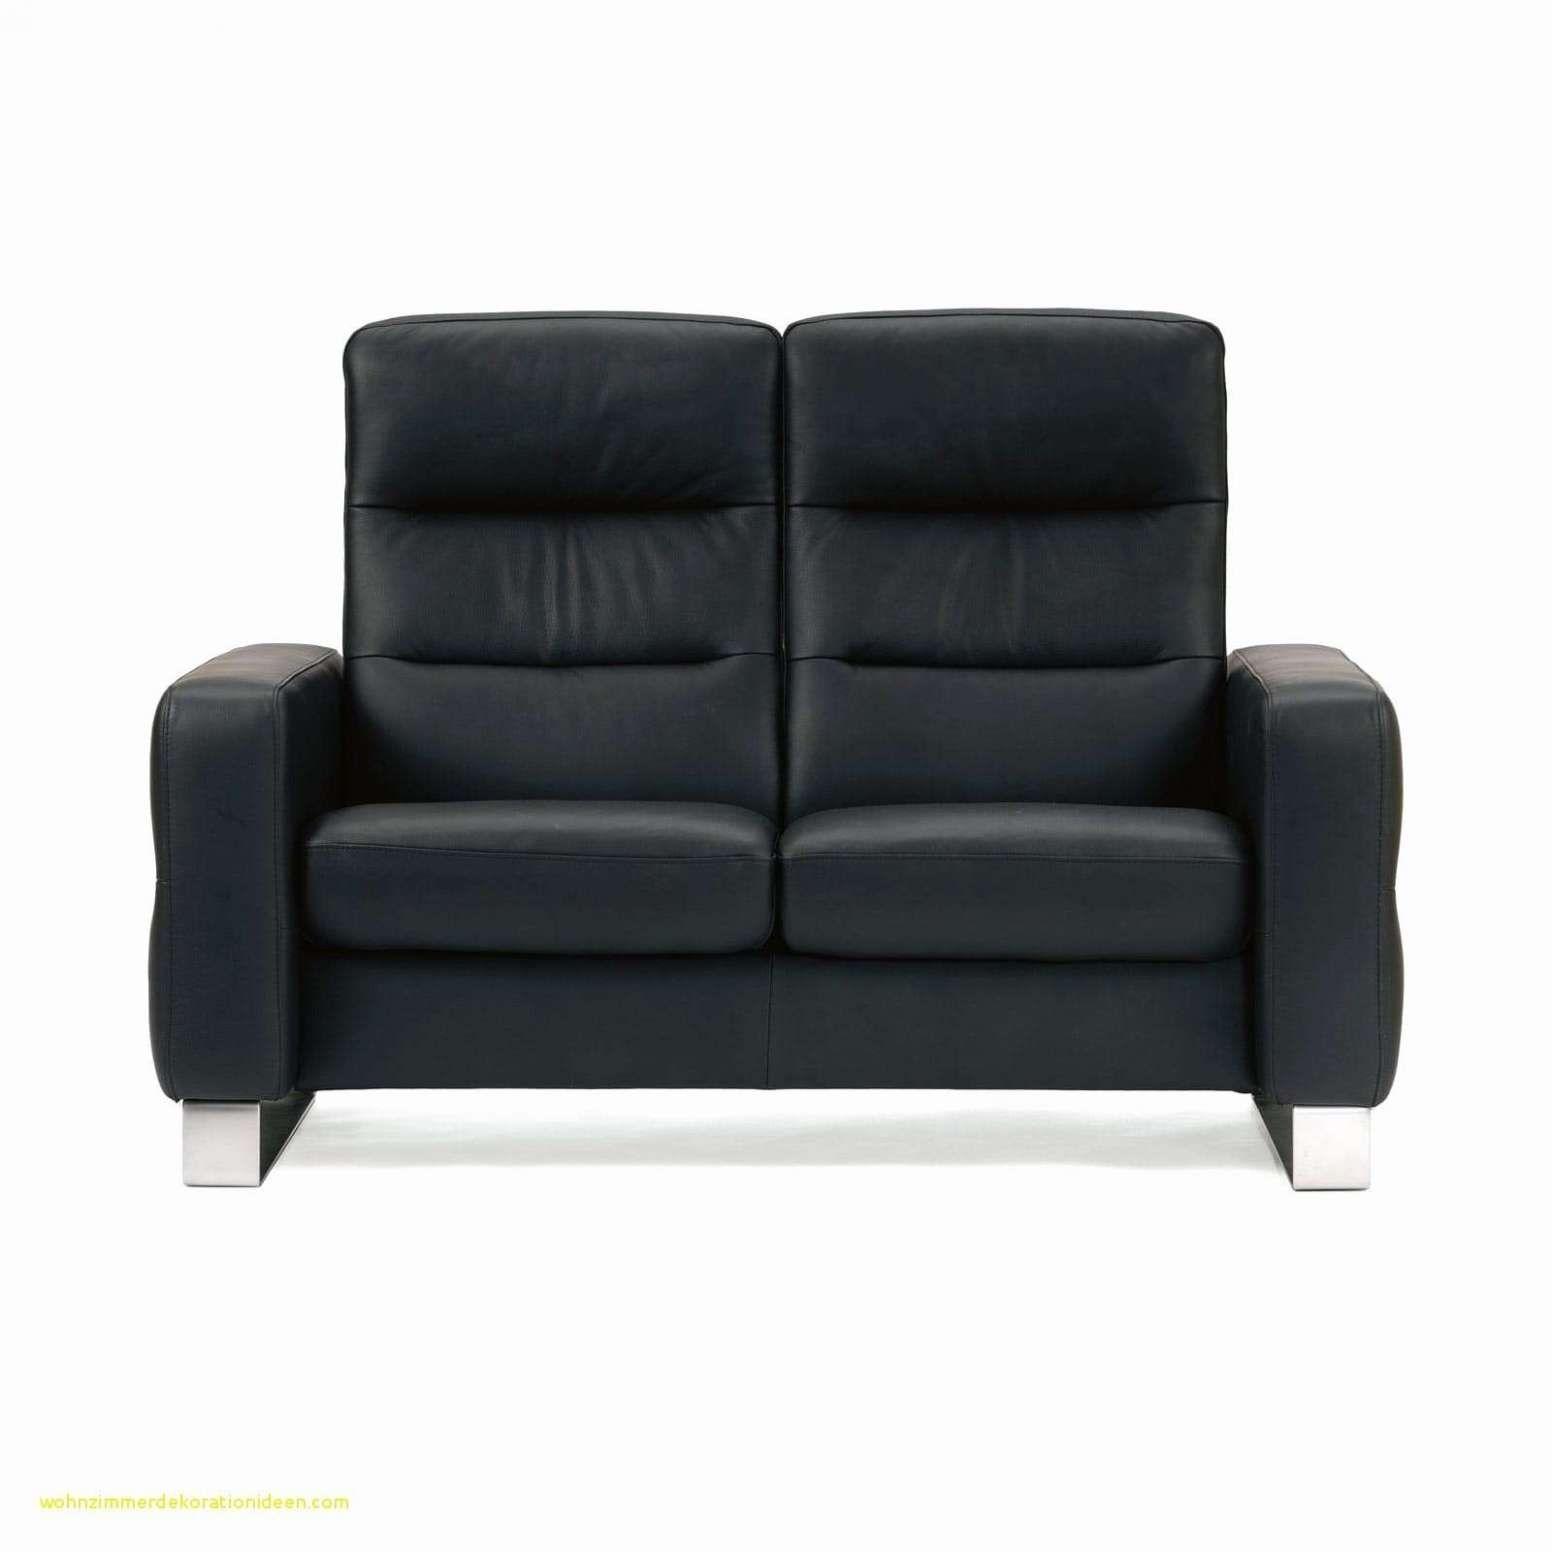 Sofa Poco Frisch 2 Sitzer Sofa Poco Elegant Sofa Gunstig Poco Couch Grau Schwarz Stock In 2020 Elegant Sofa Modern Couch Sofa